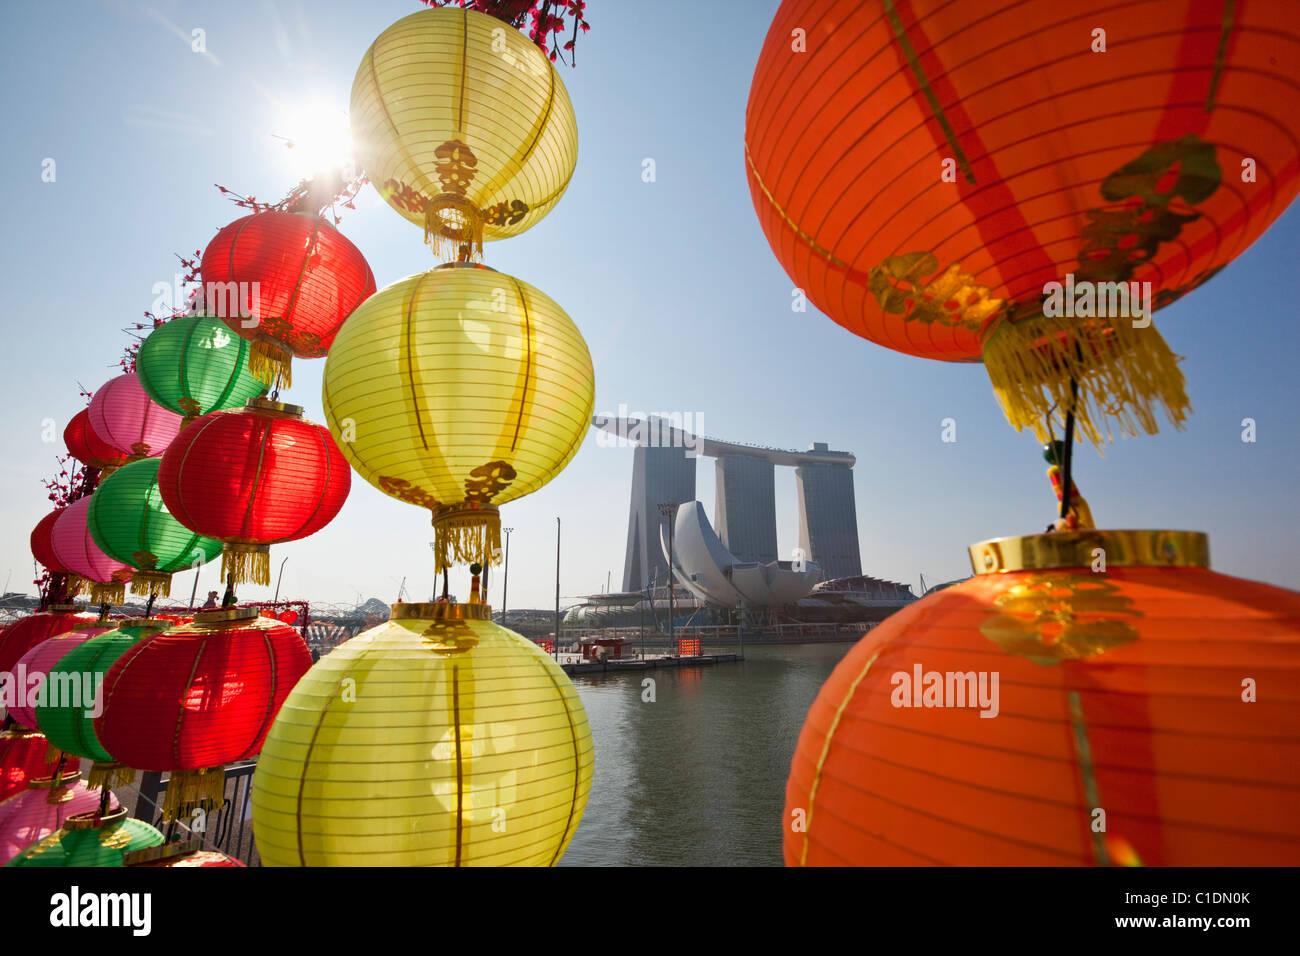 Le Marina Bay Sands Singapour vue par les décorations du Nouvel An chinois. Marina Bay, Singapour Banque D'Images